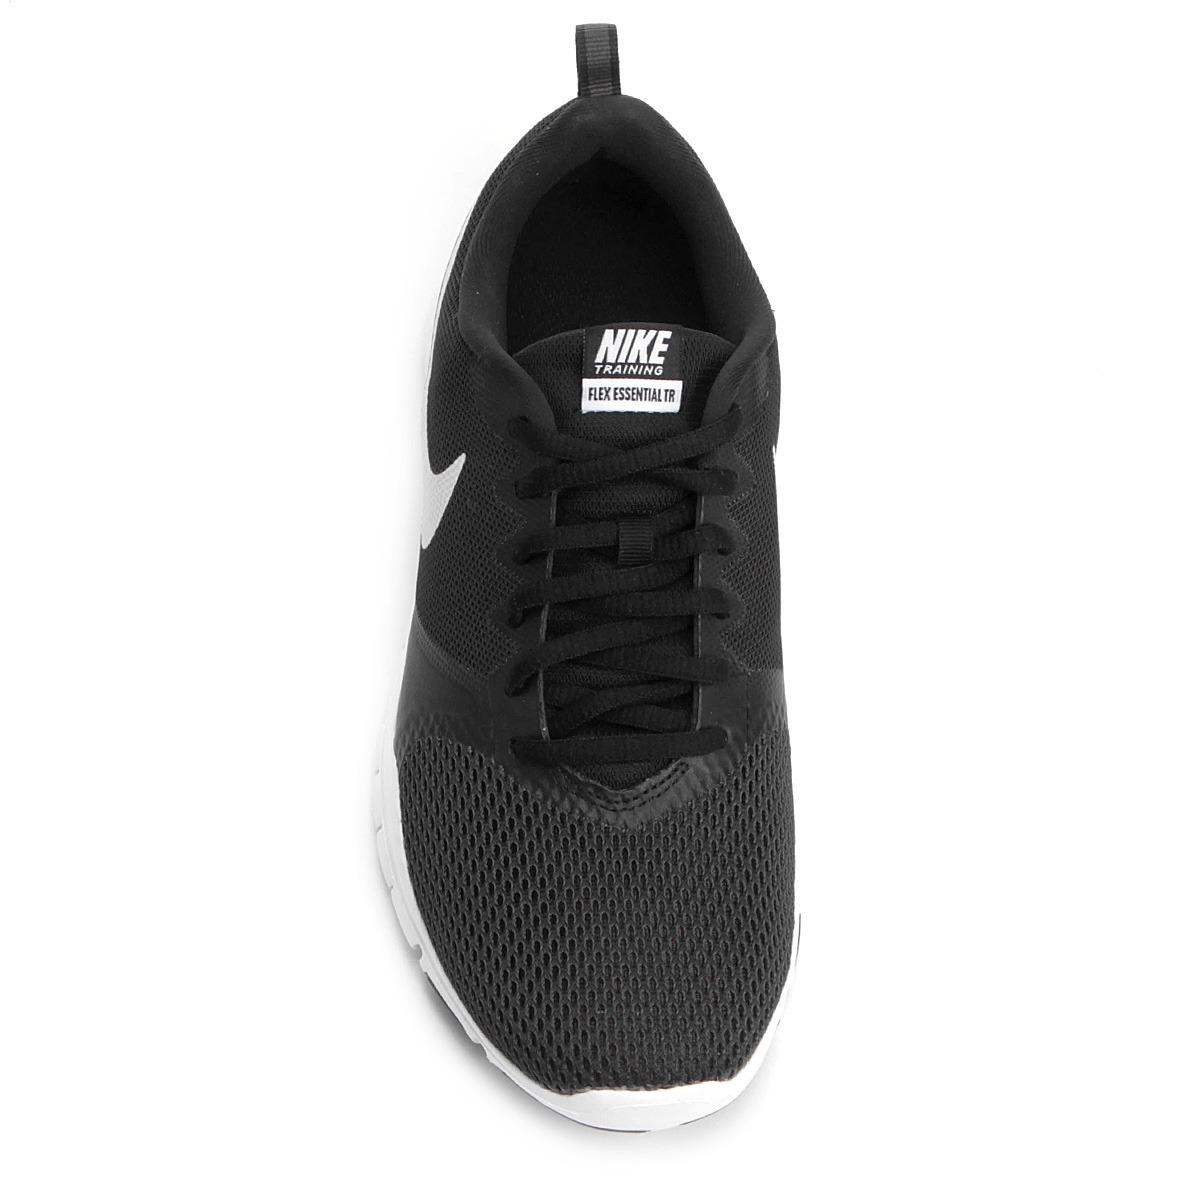 5500783350d Tênis Nike Flex Essential Tr - Feminino - R  220